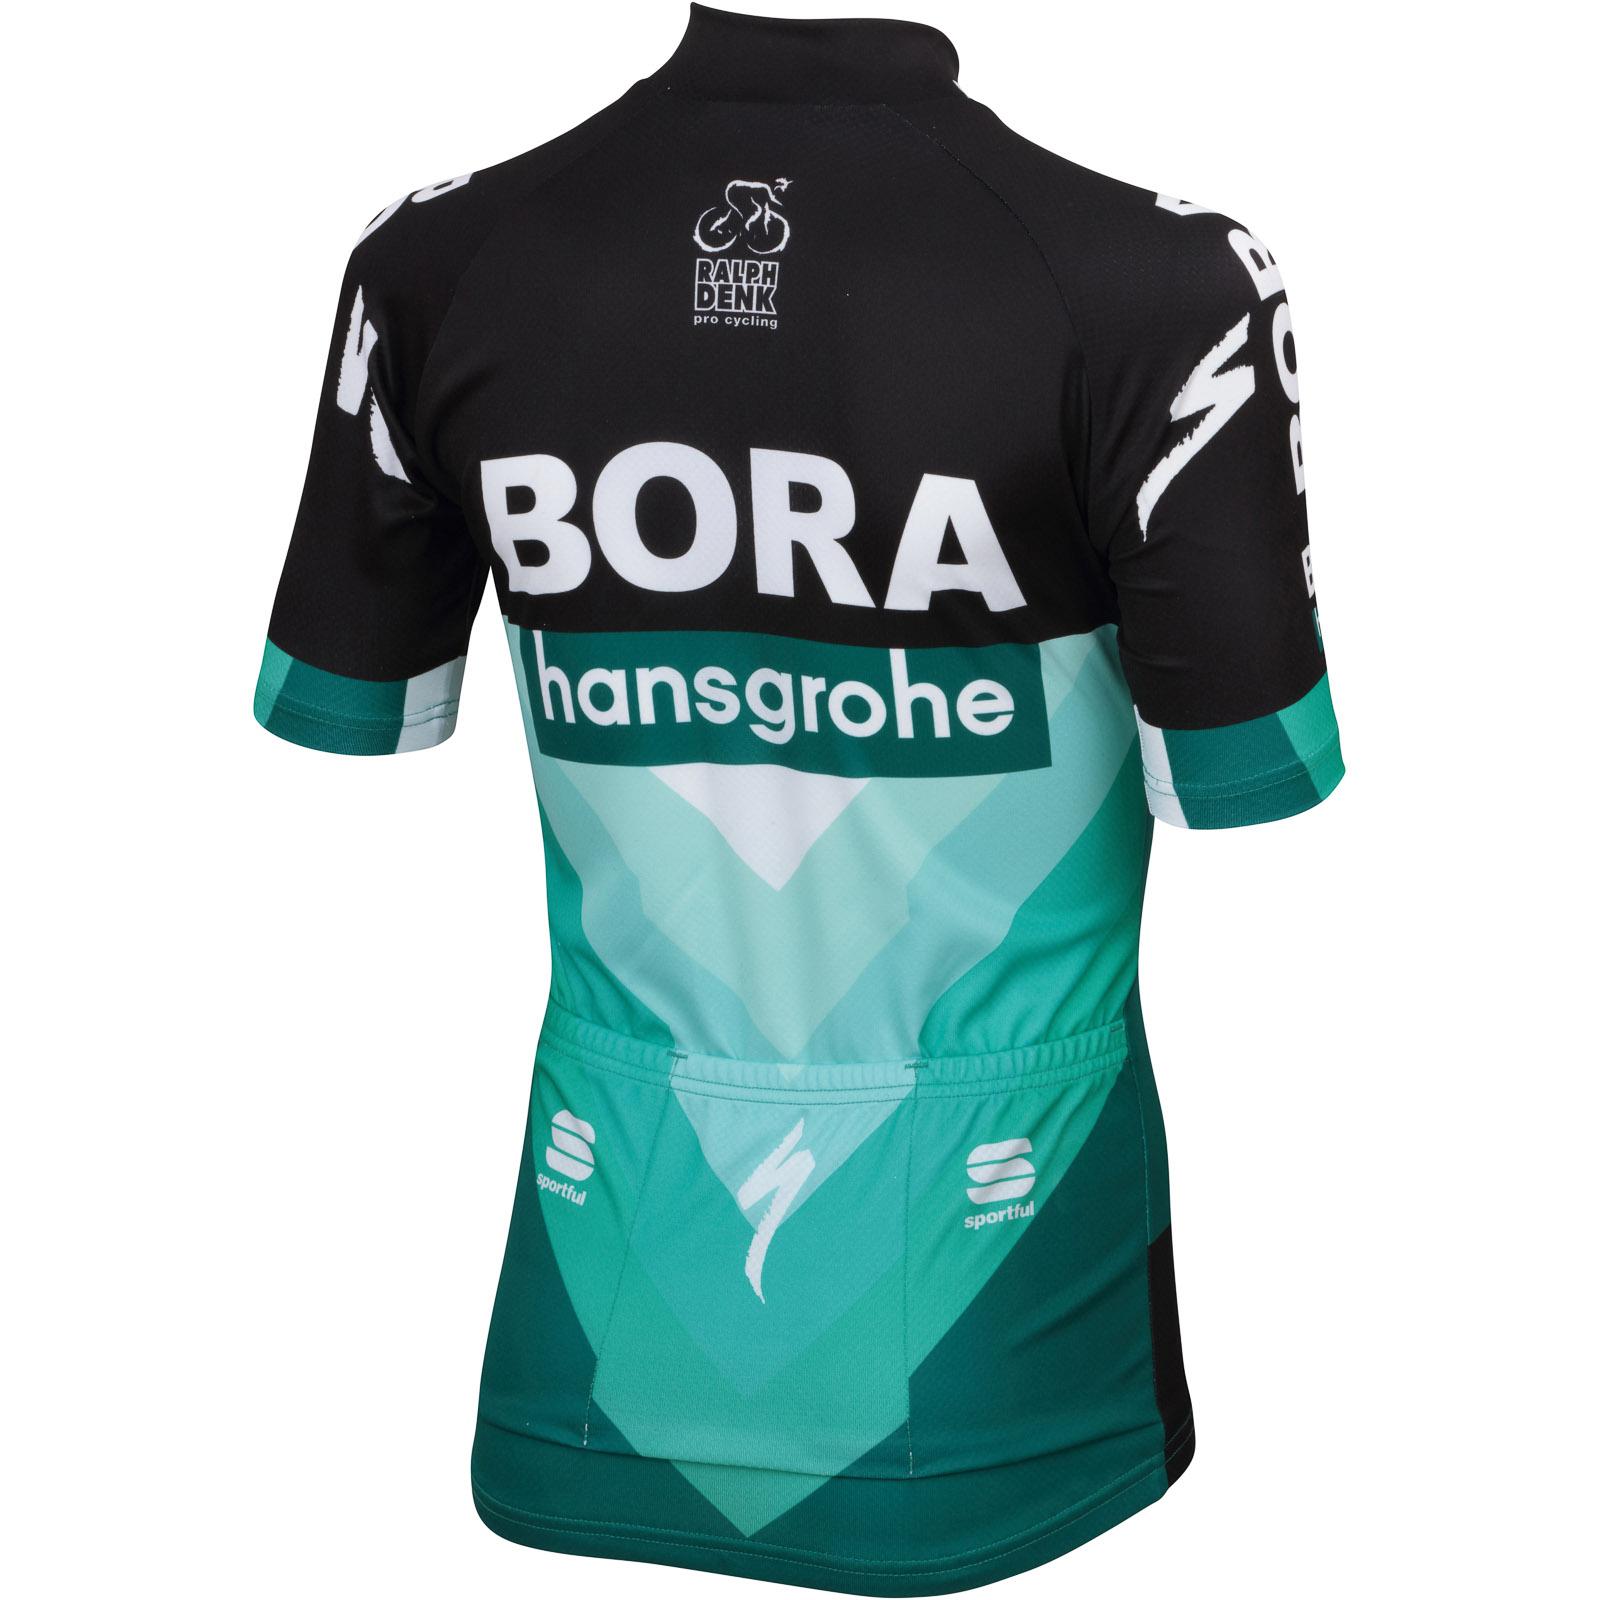 128645d950369 Pre absolútny zážitok prosím použite prehliadač s javascriptom. Sportful  Detský dres Bora-hansgrohe čierny/Bora zelený